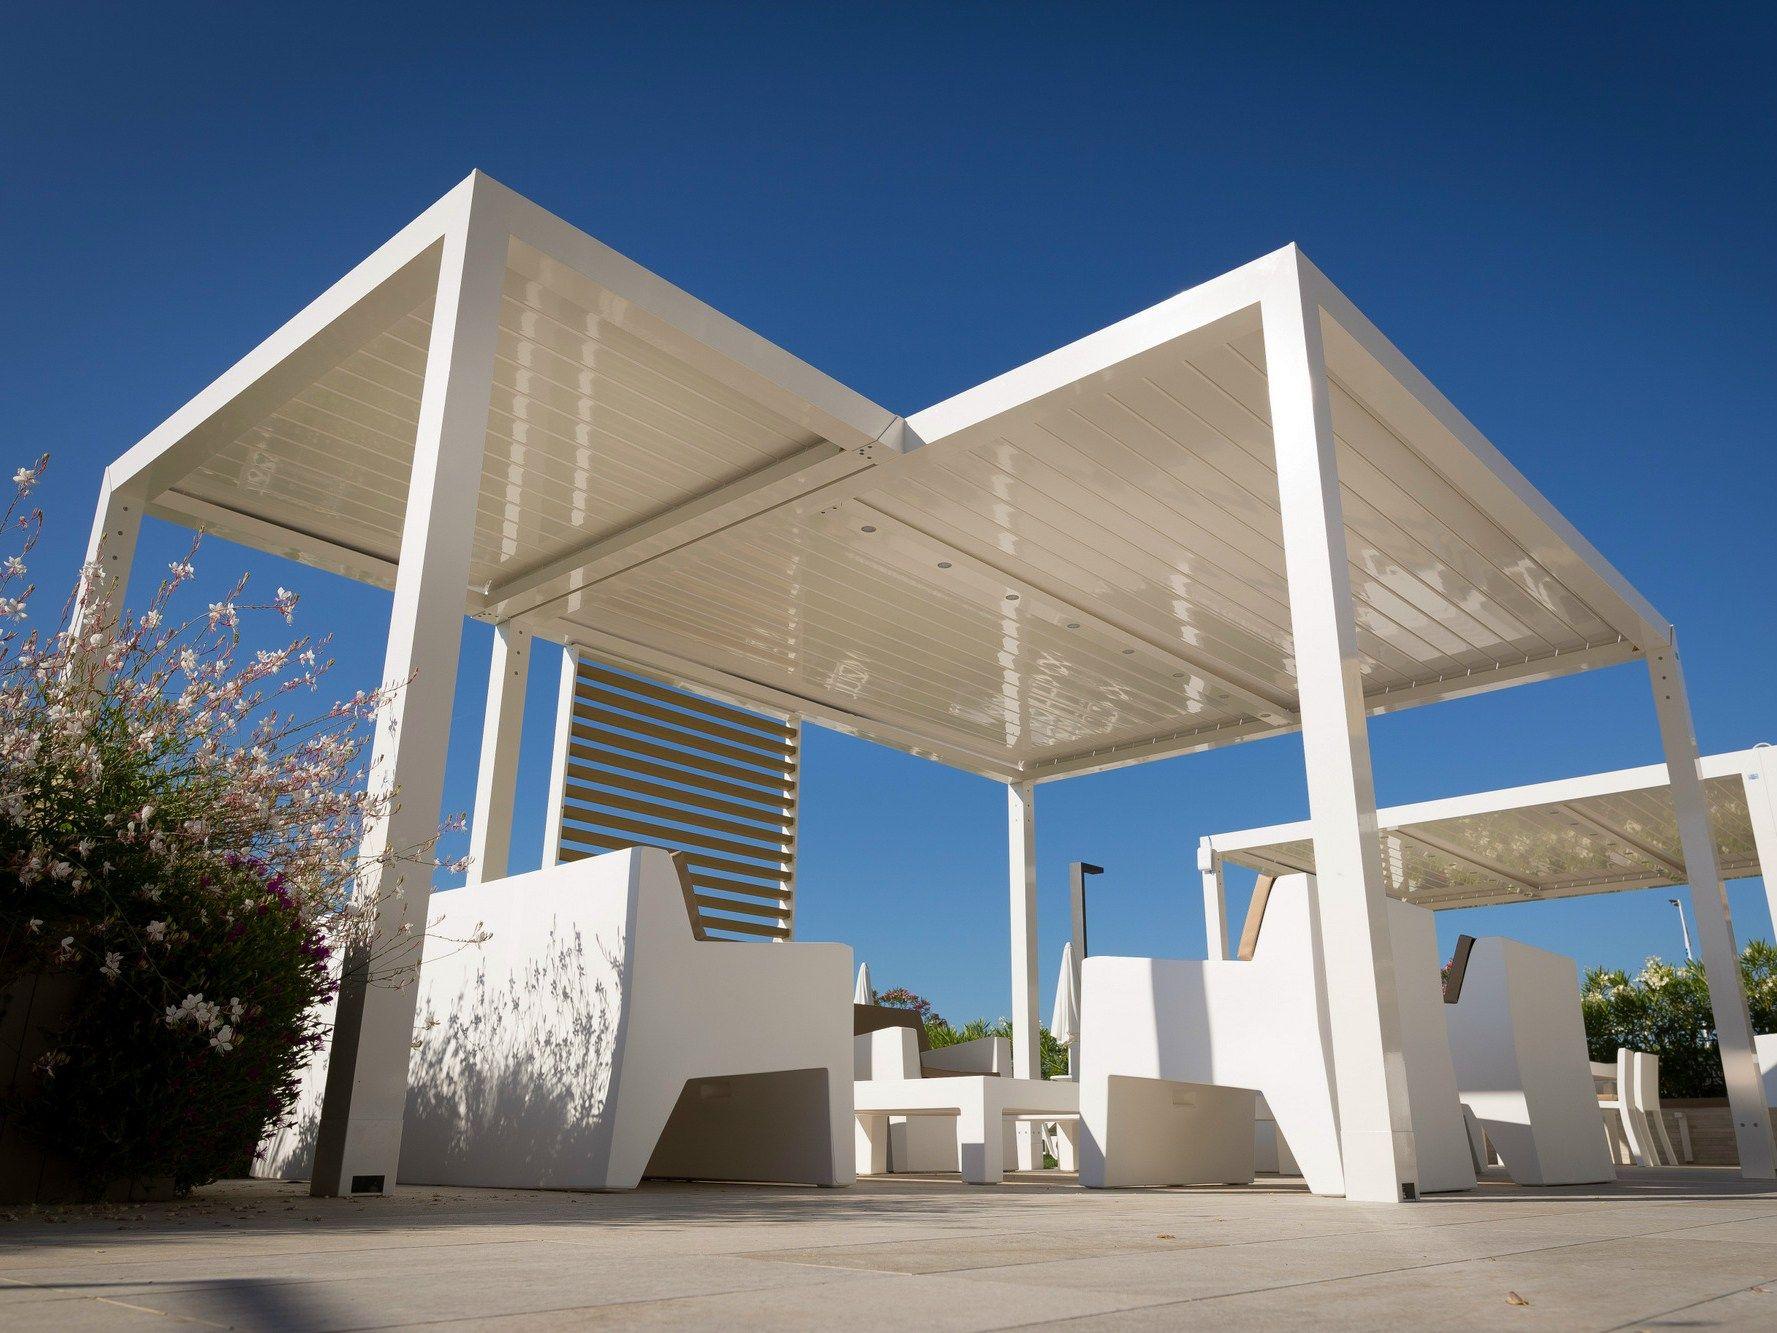 kedry by ke protezioni solari. Black Bedroom Furniture Sets. Home Design Ideas